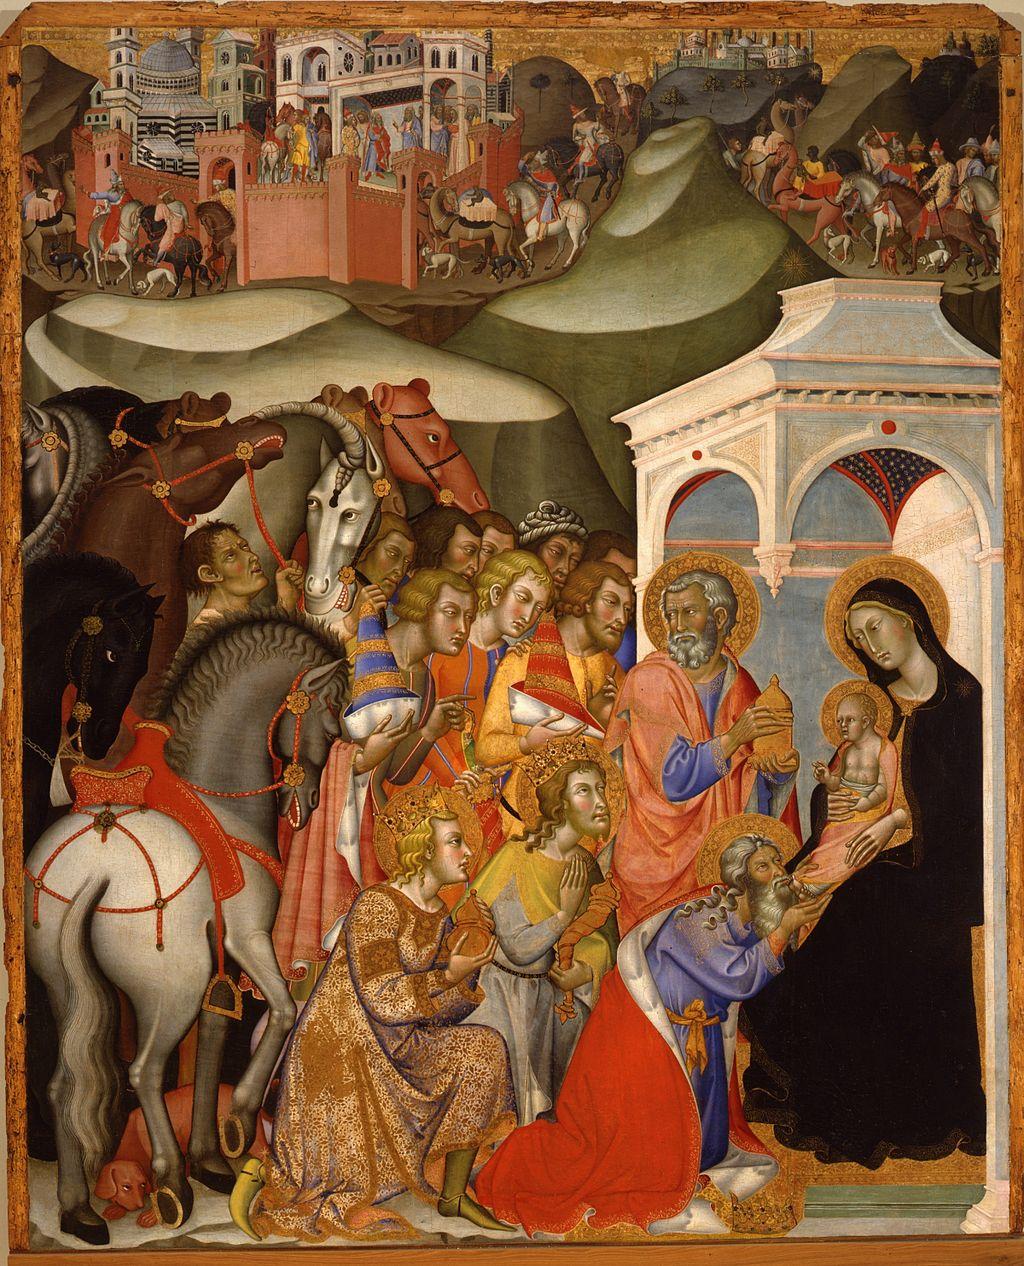 Bartolo di Fredi, Adorazione dei Magi, 1385-88, 195 ? 163 cm, tempera su pannello